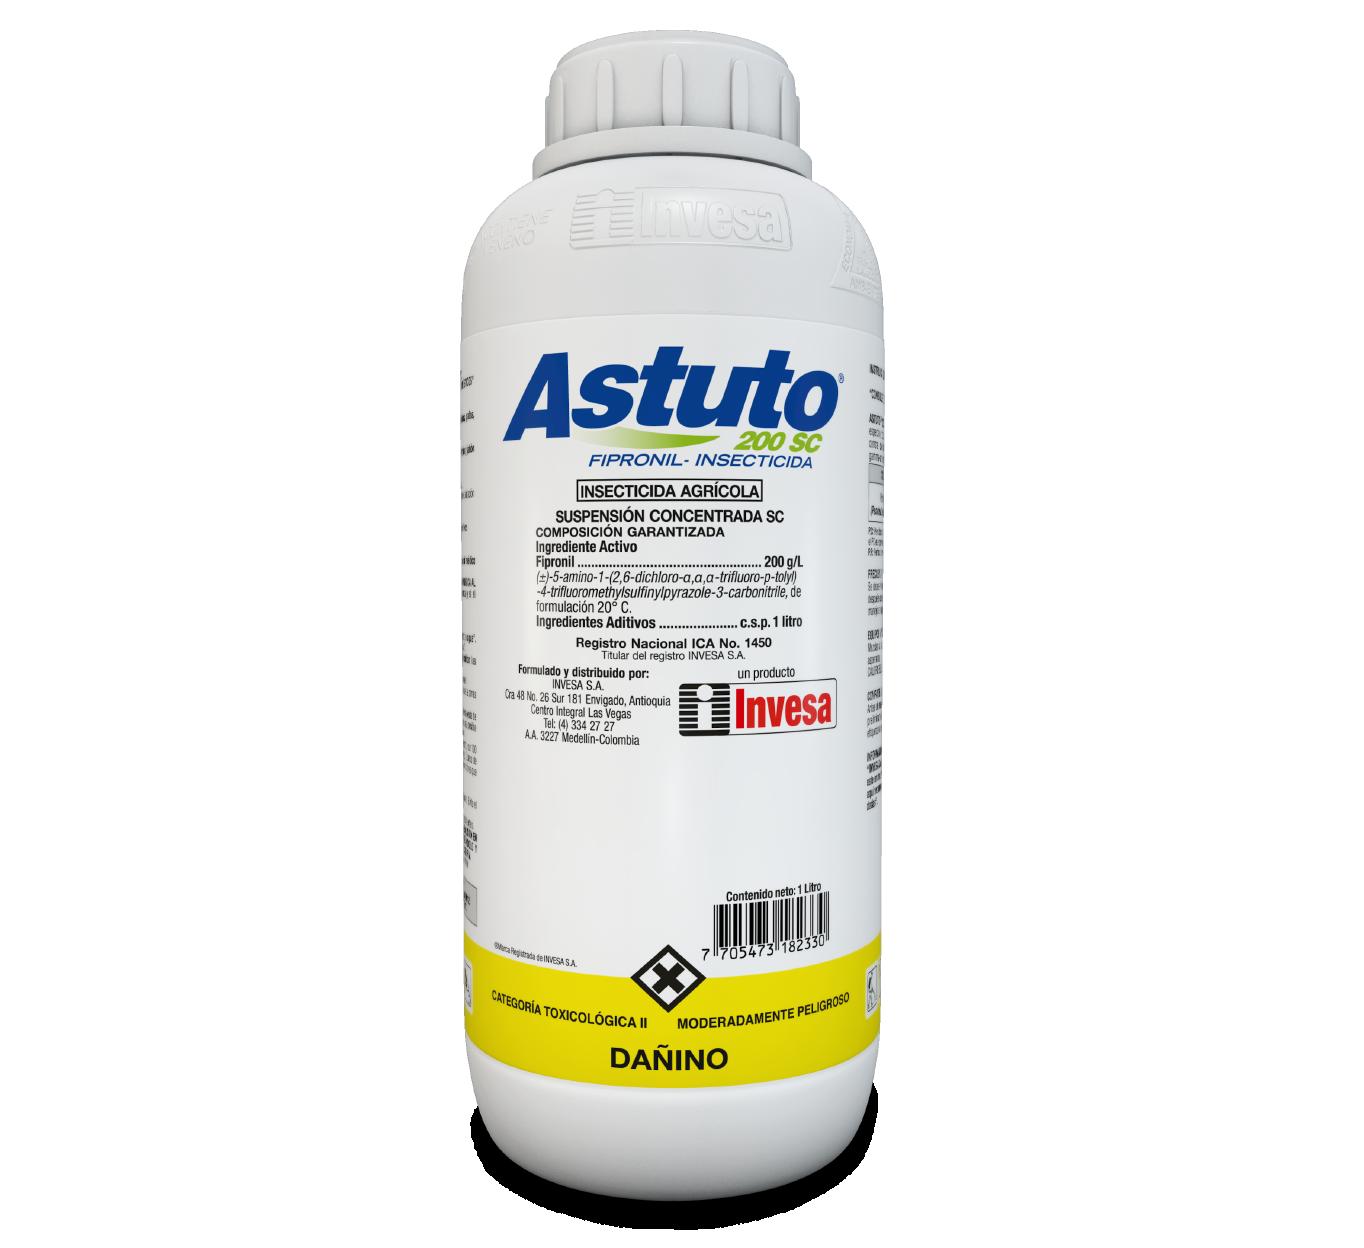 Insecticida astuto 200 sc invesa 1 litro